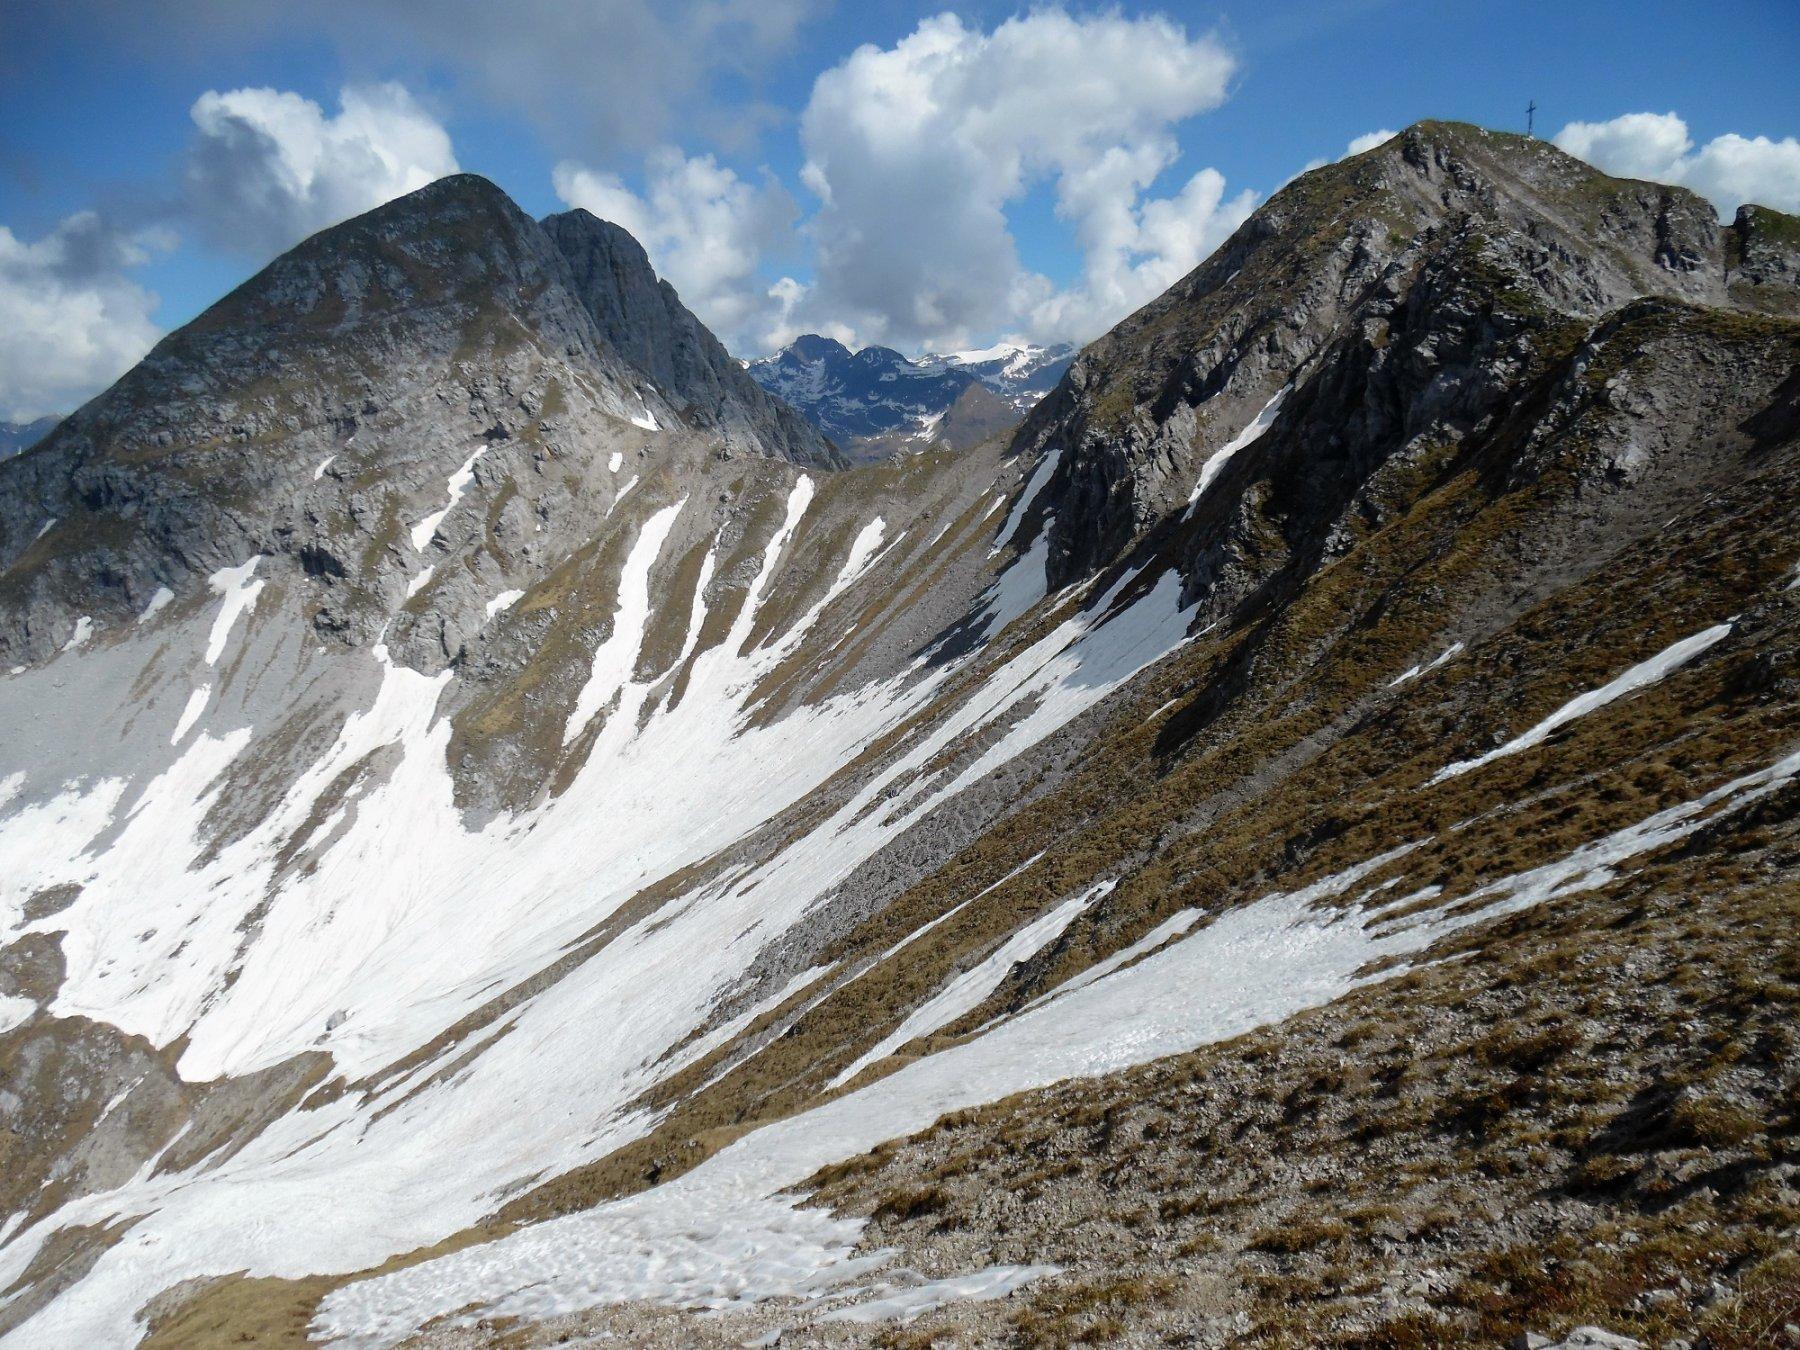 A destra la Croce di Monte Secco, a sinistra le due Cime Est e Ovest del Monte Secco